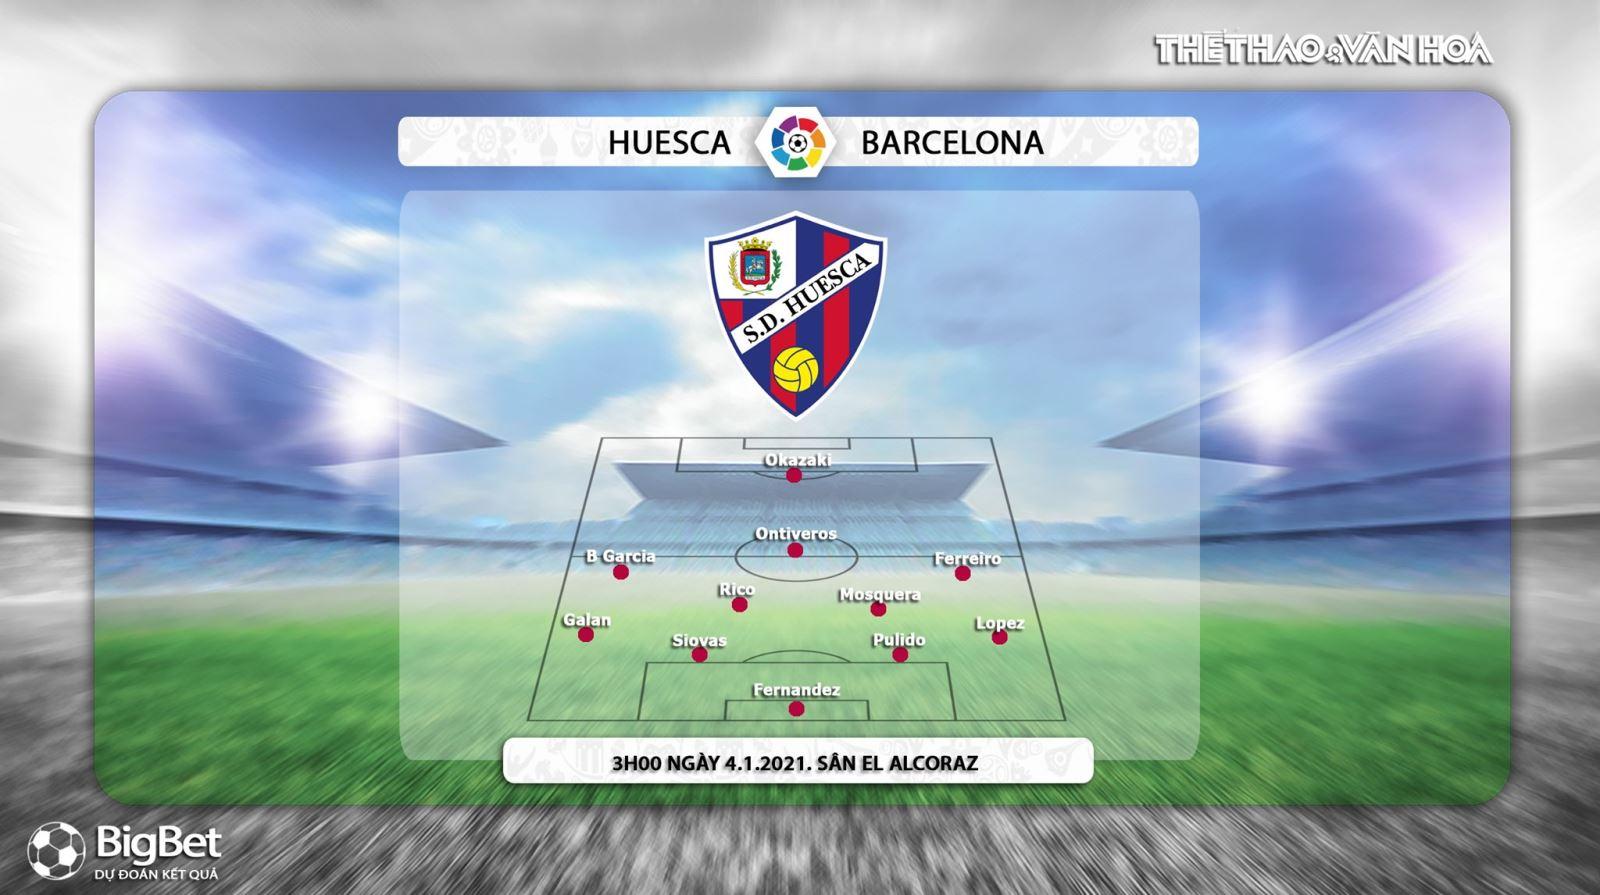 Keo nha cai, Kèo nhà cái, Huesca vs Barcelona, BĐTV, Trực tiếp bóng đá Tây Ban Nha, Trực tiếp Huesca đấu vớiBarcelona, Kèo bóng đá Huesca vs Barcelona, Vòng 17 La Liga